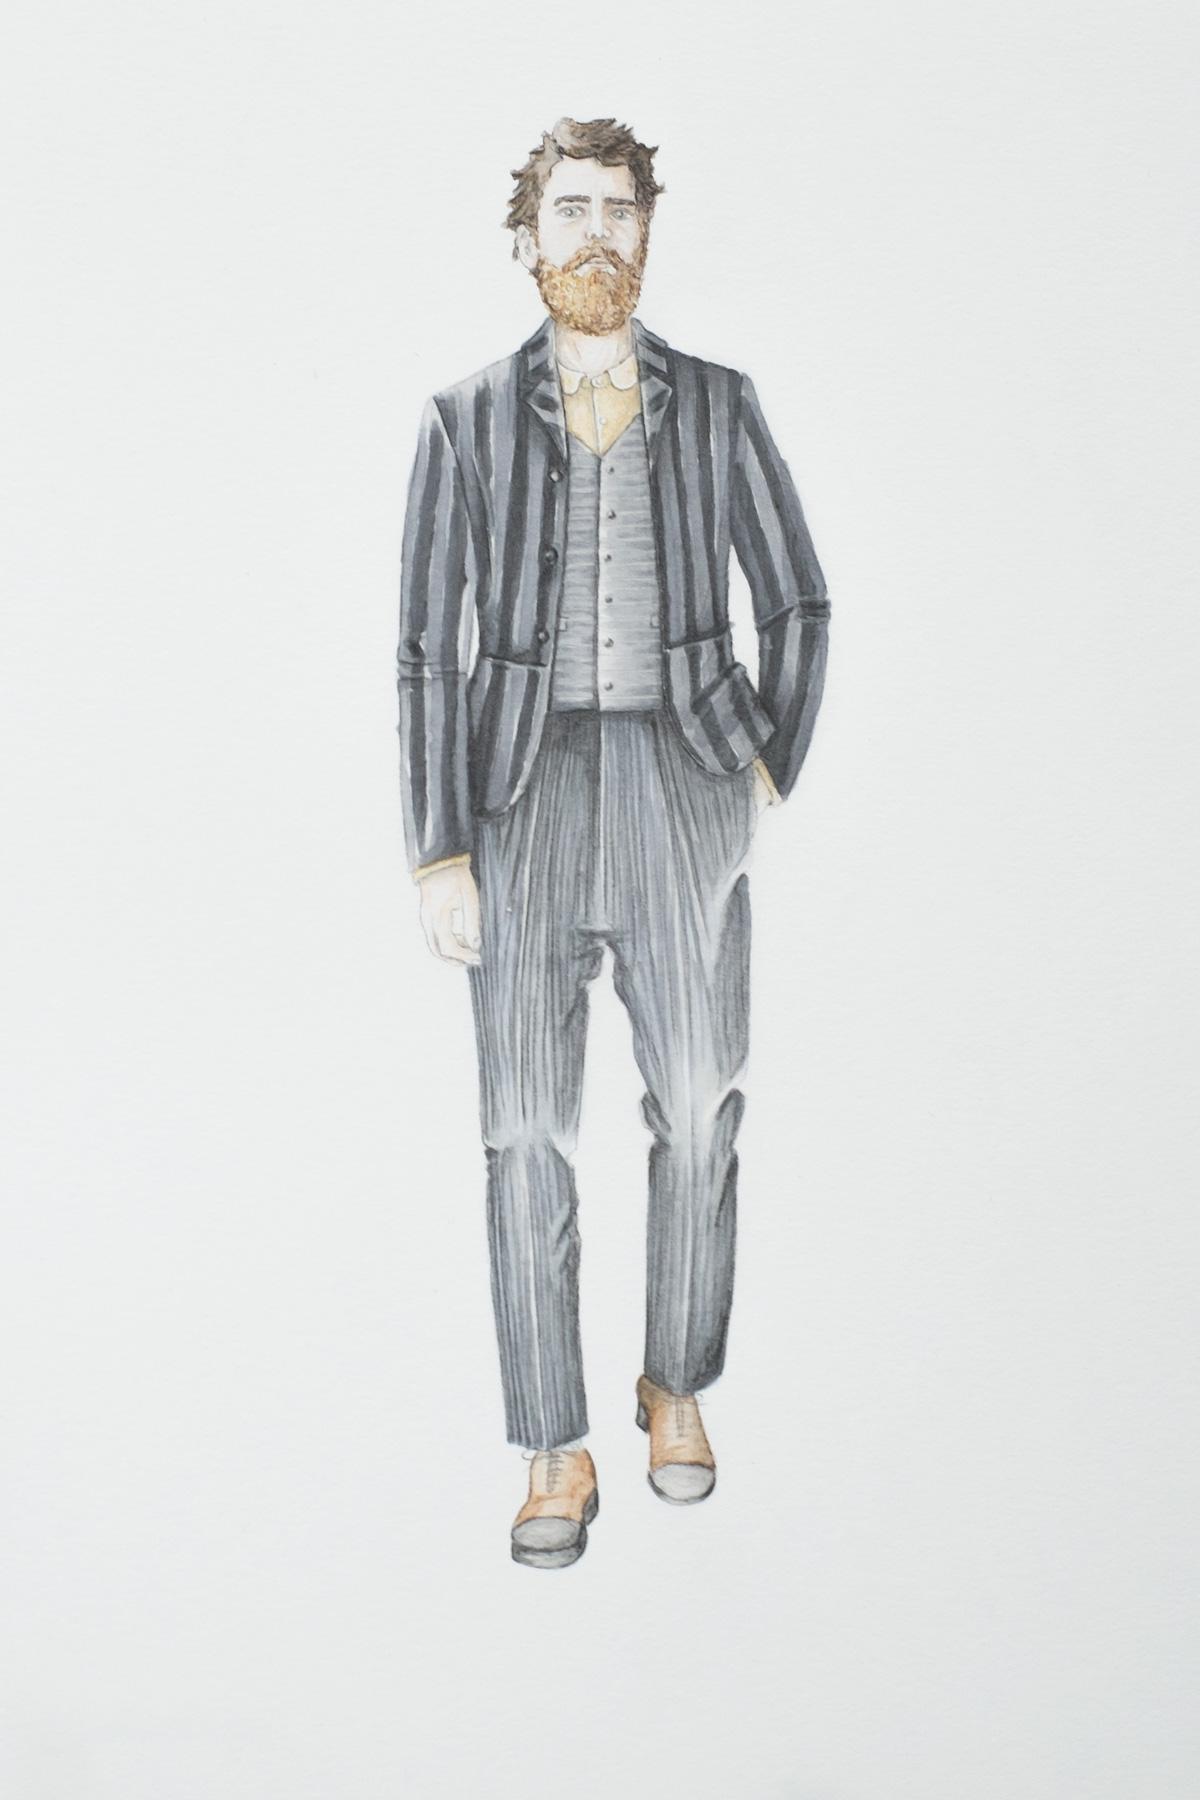 Modeillustration schwarzer Anzug mit grauen Streifen